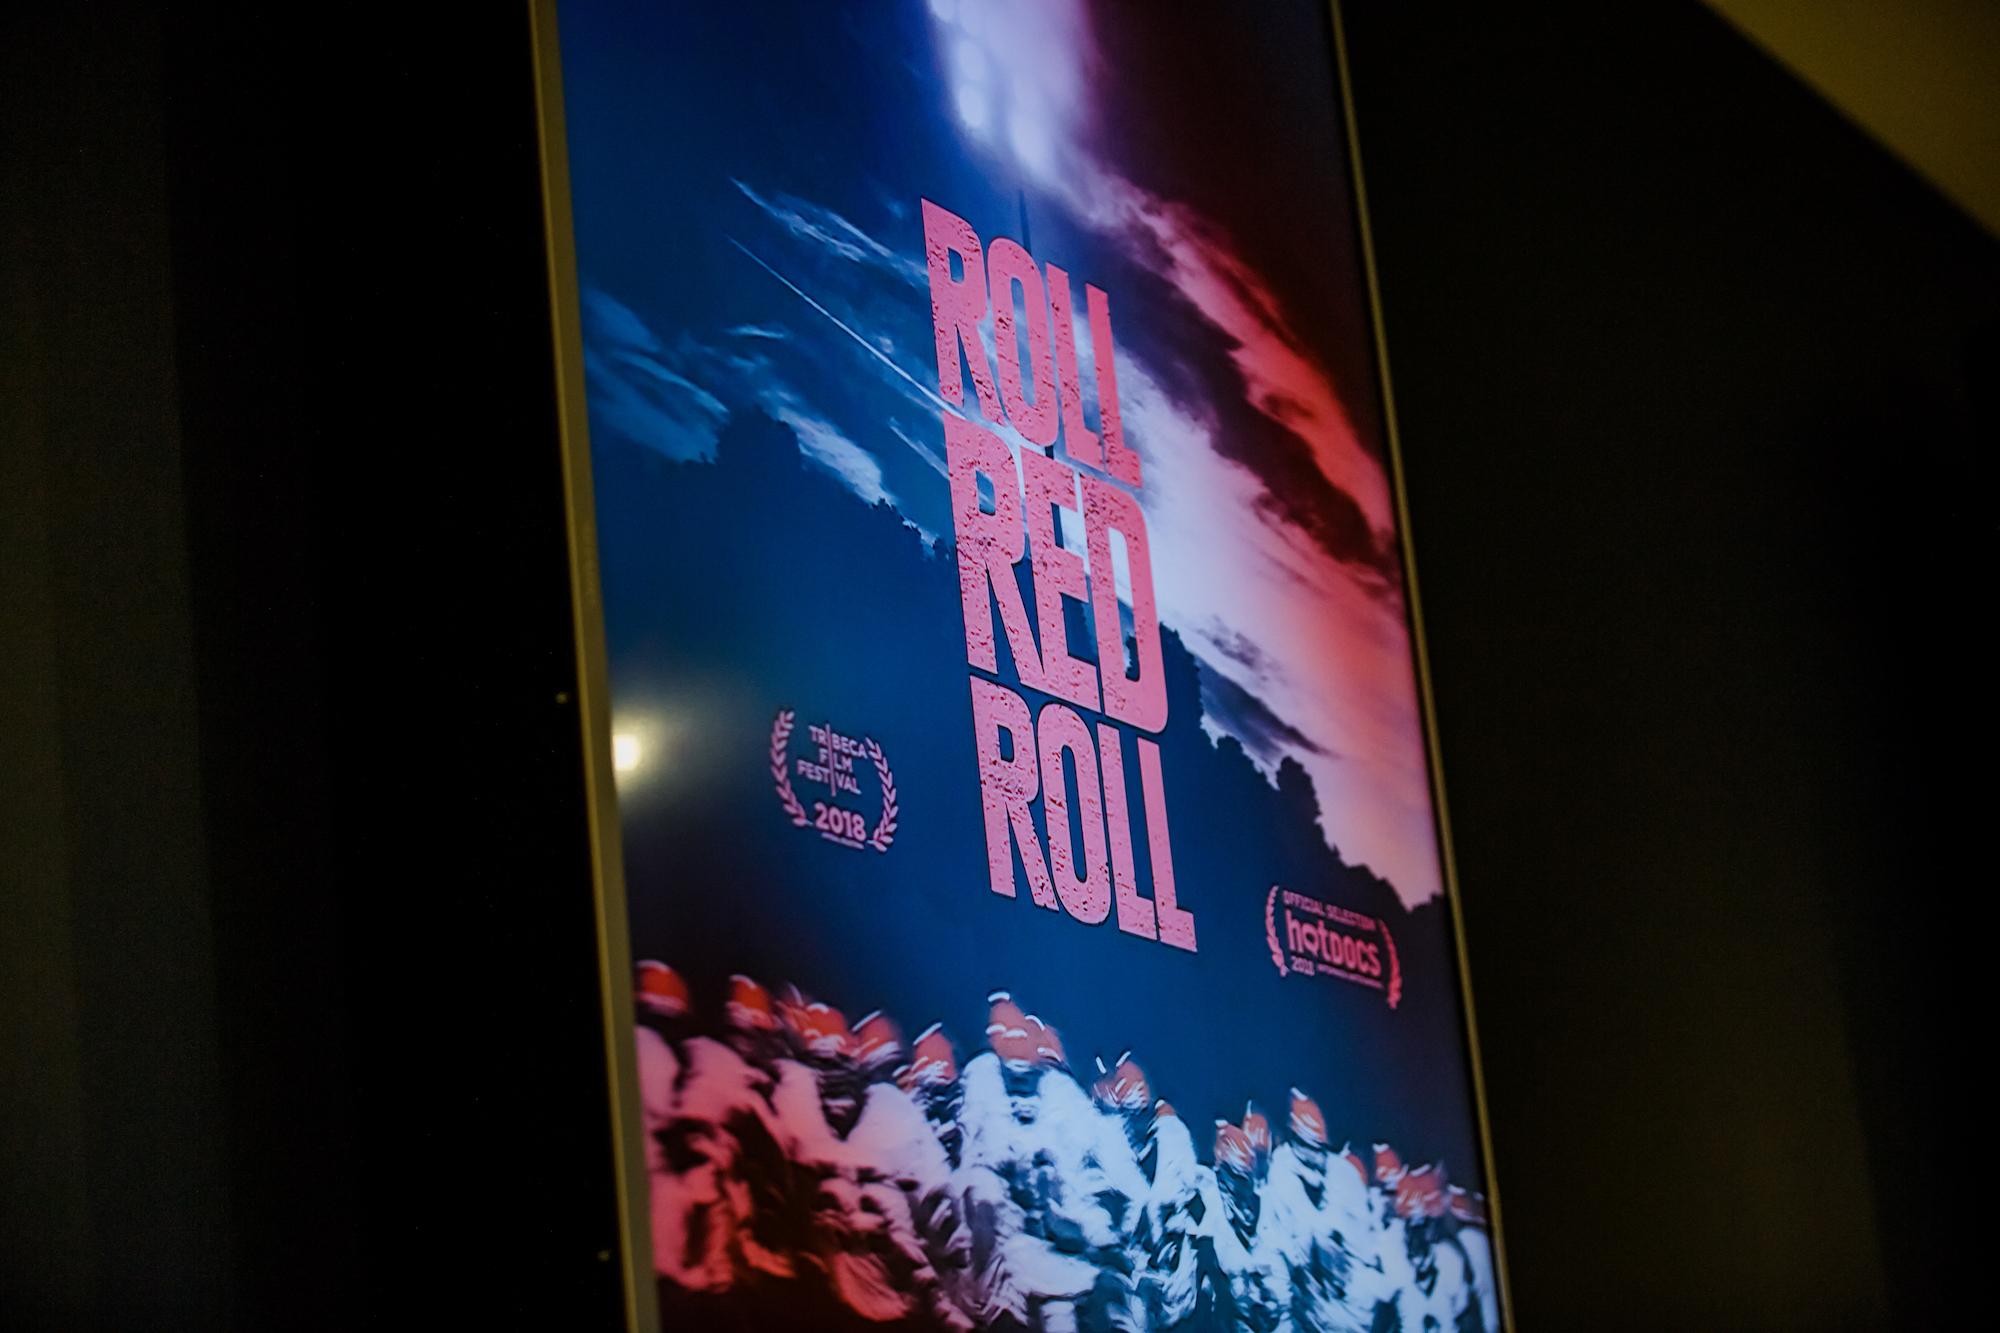 190305-roll-red-roll-013.jpg